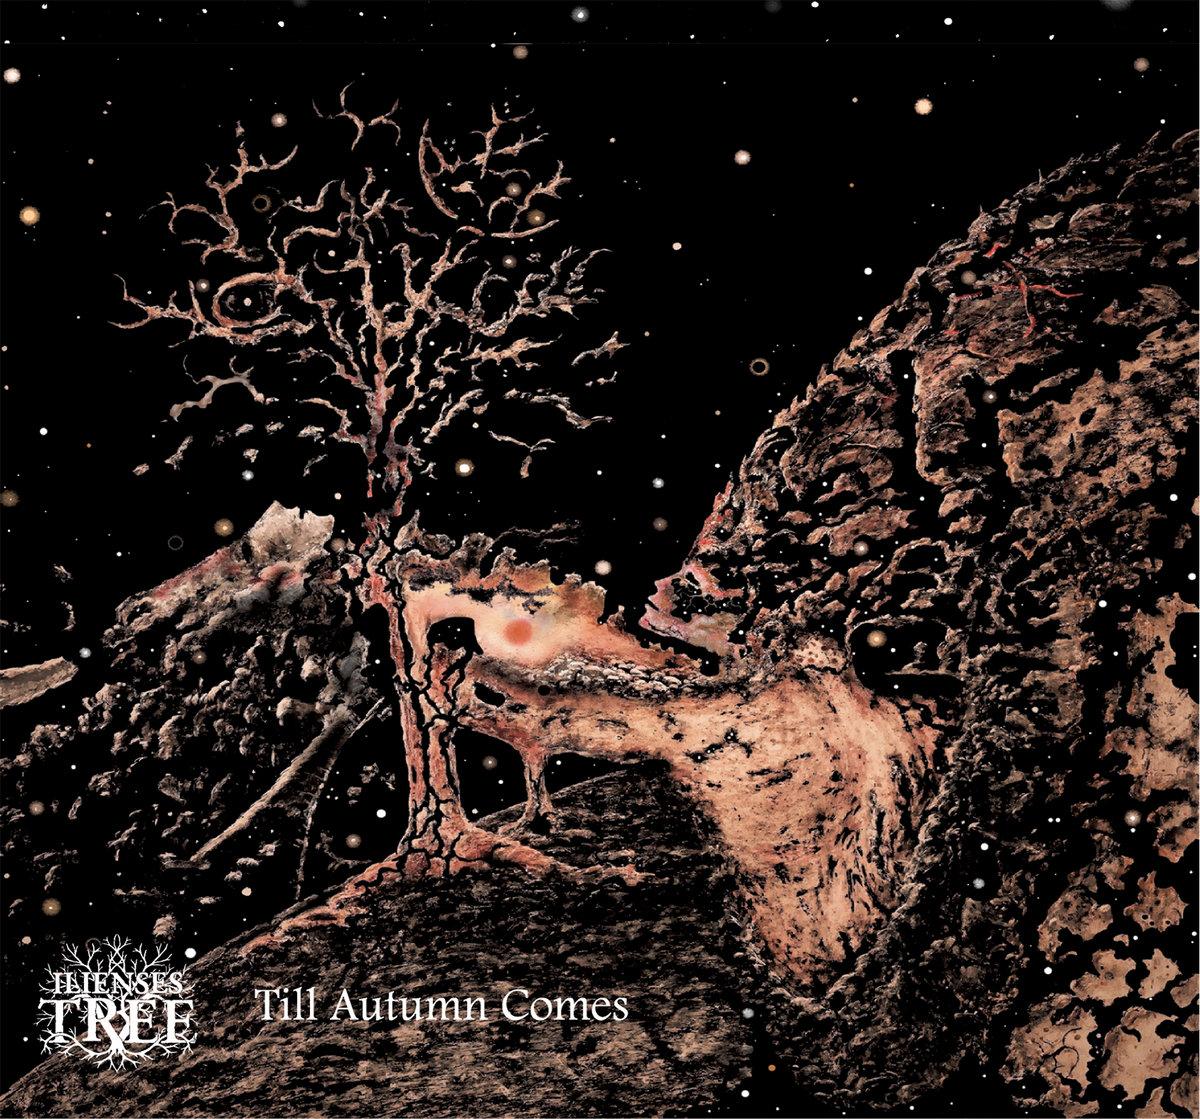 Ilienses Tree - Til Autumn Comes - Bandcamp - player - 2019 - Sa Scena Sarda